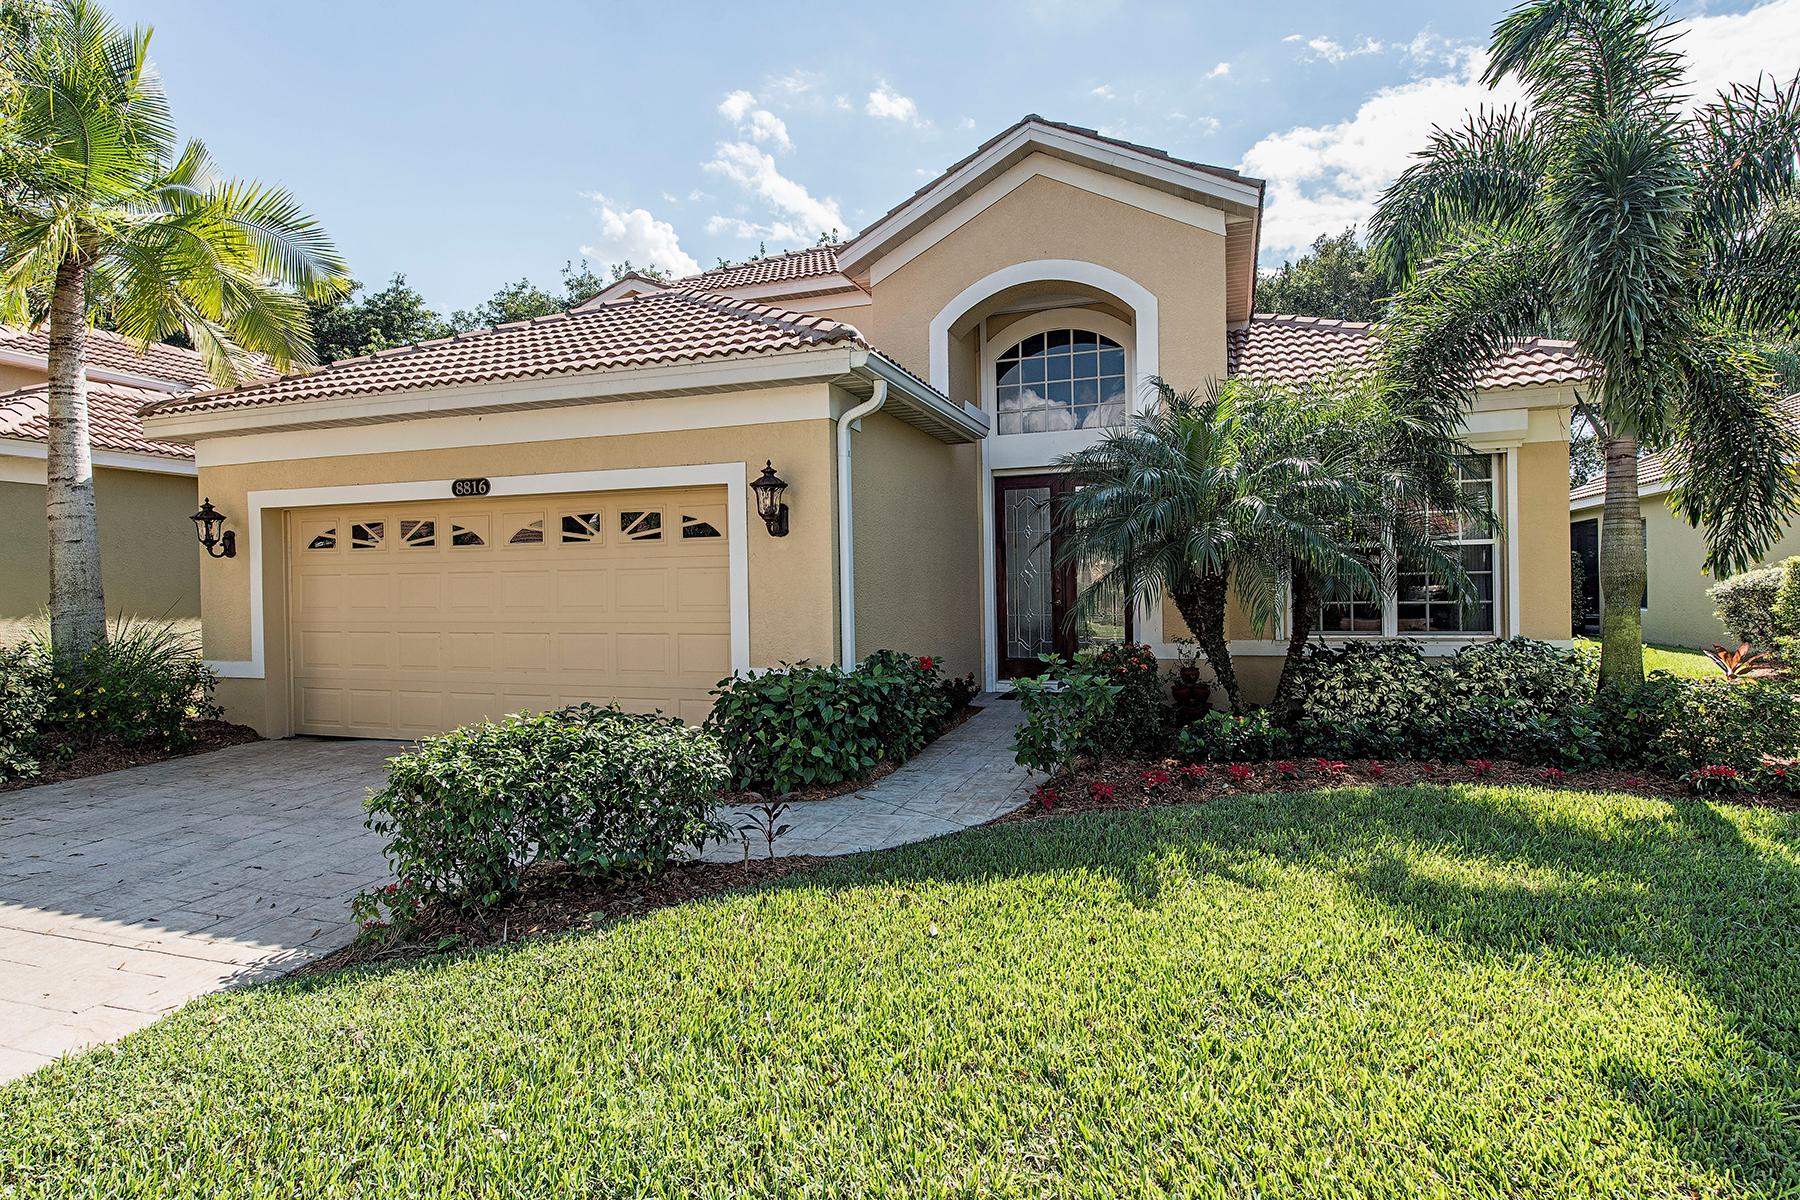 獨棟家庭住宅 為 出售 在 PELICAN MARSH - VENTURA 8816 Ventura Way Naples, 佛羅里達州 34109 美國